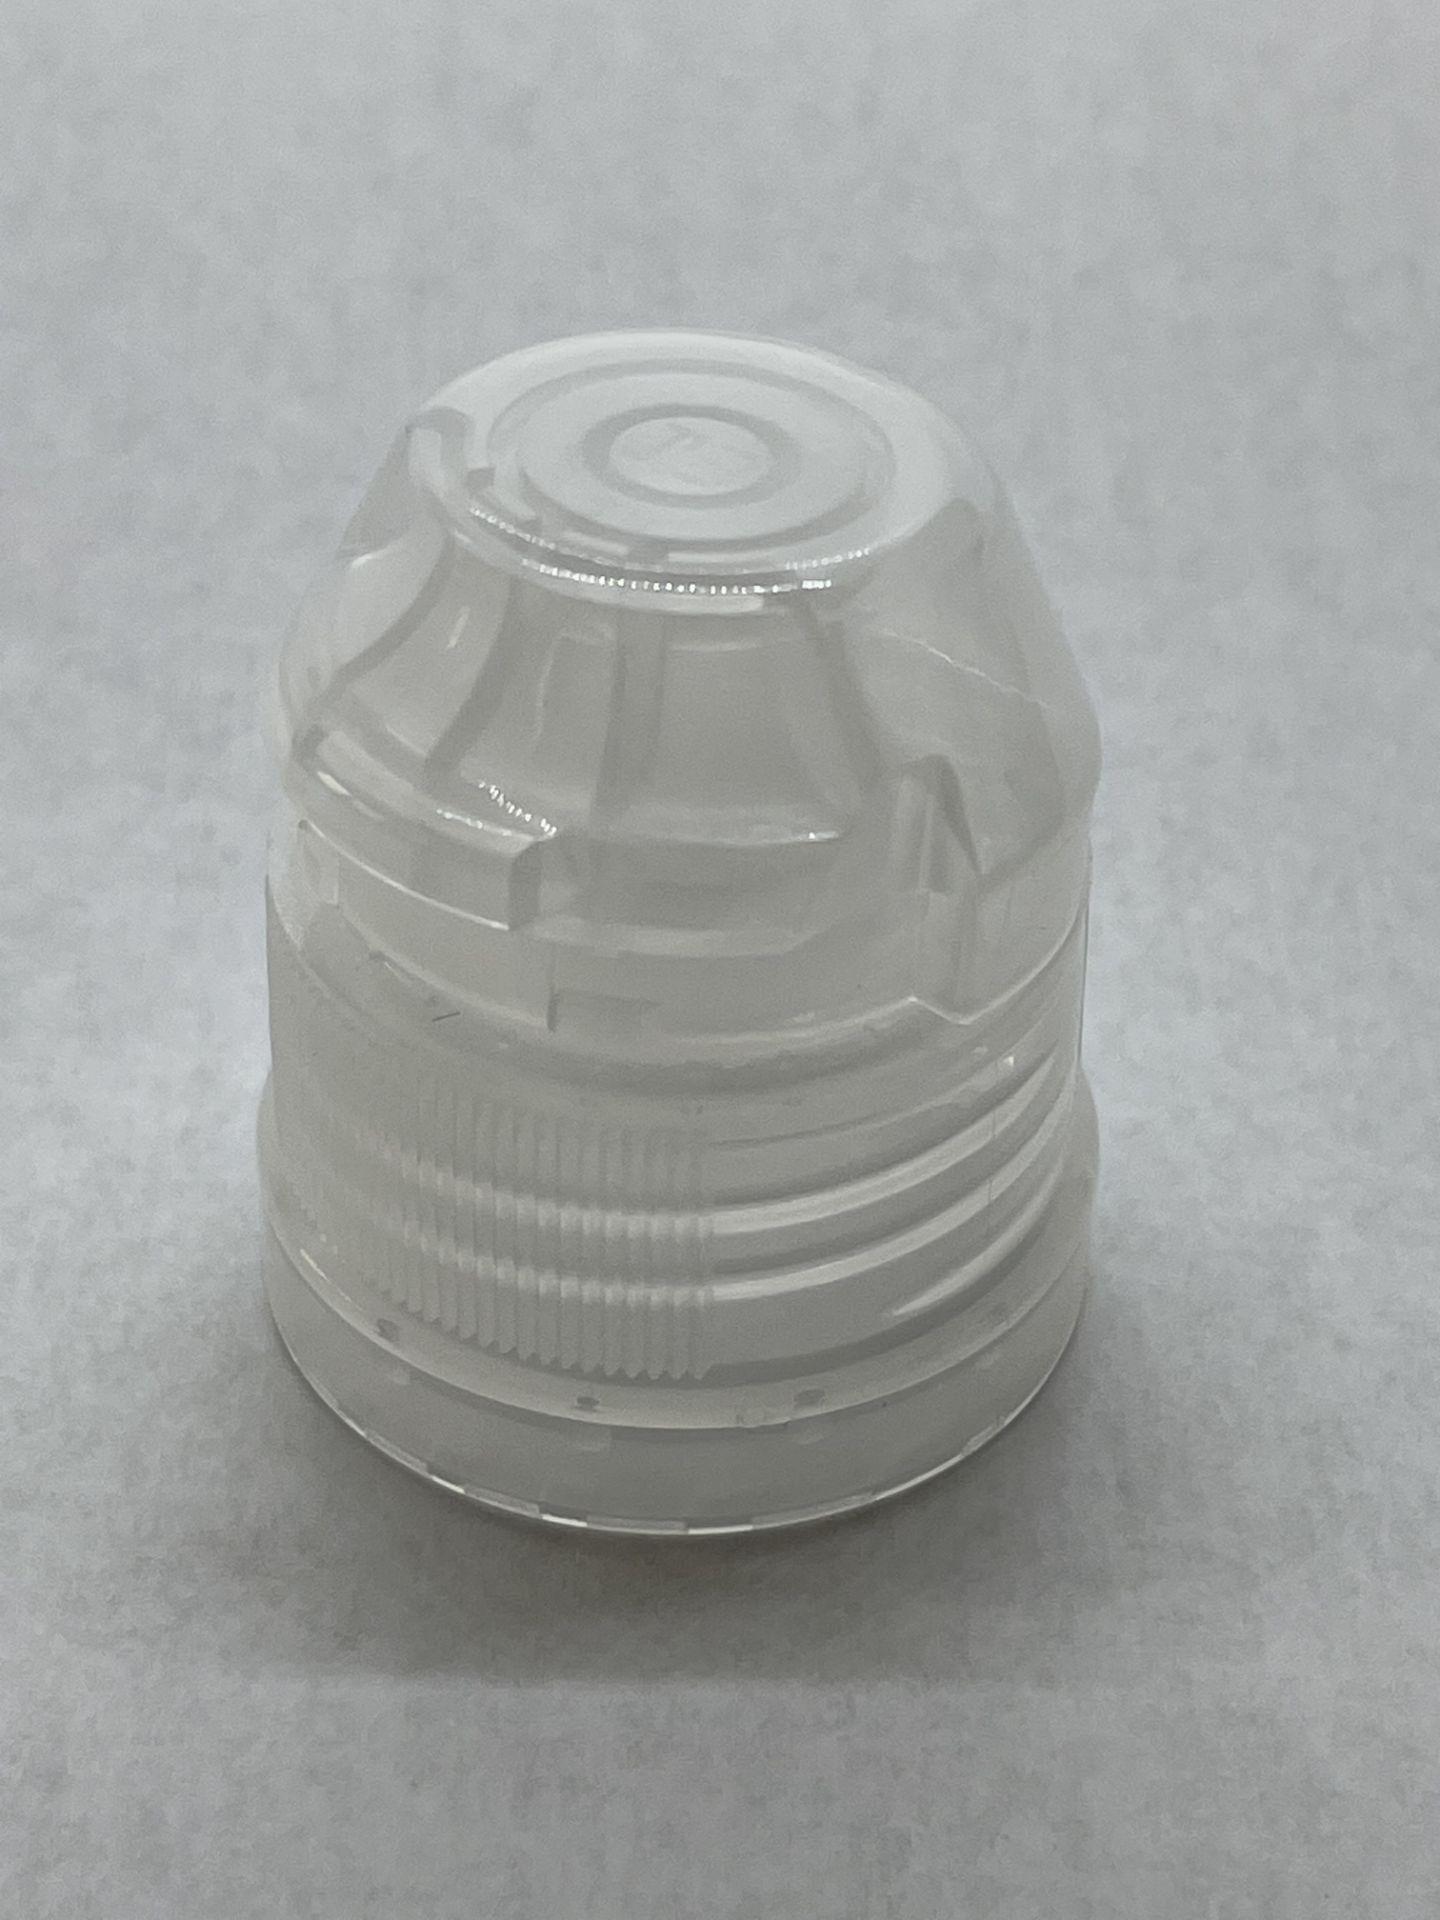 170,000 - Popular Aptar Water bottle sport cap for 16 oz bottle, 28-410 Threading - Image 5 of 6